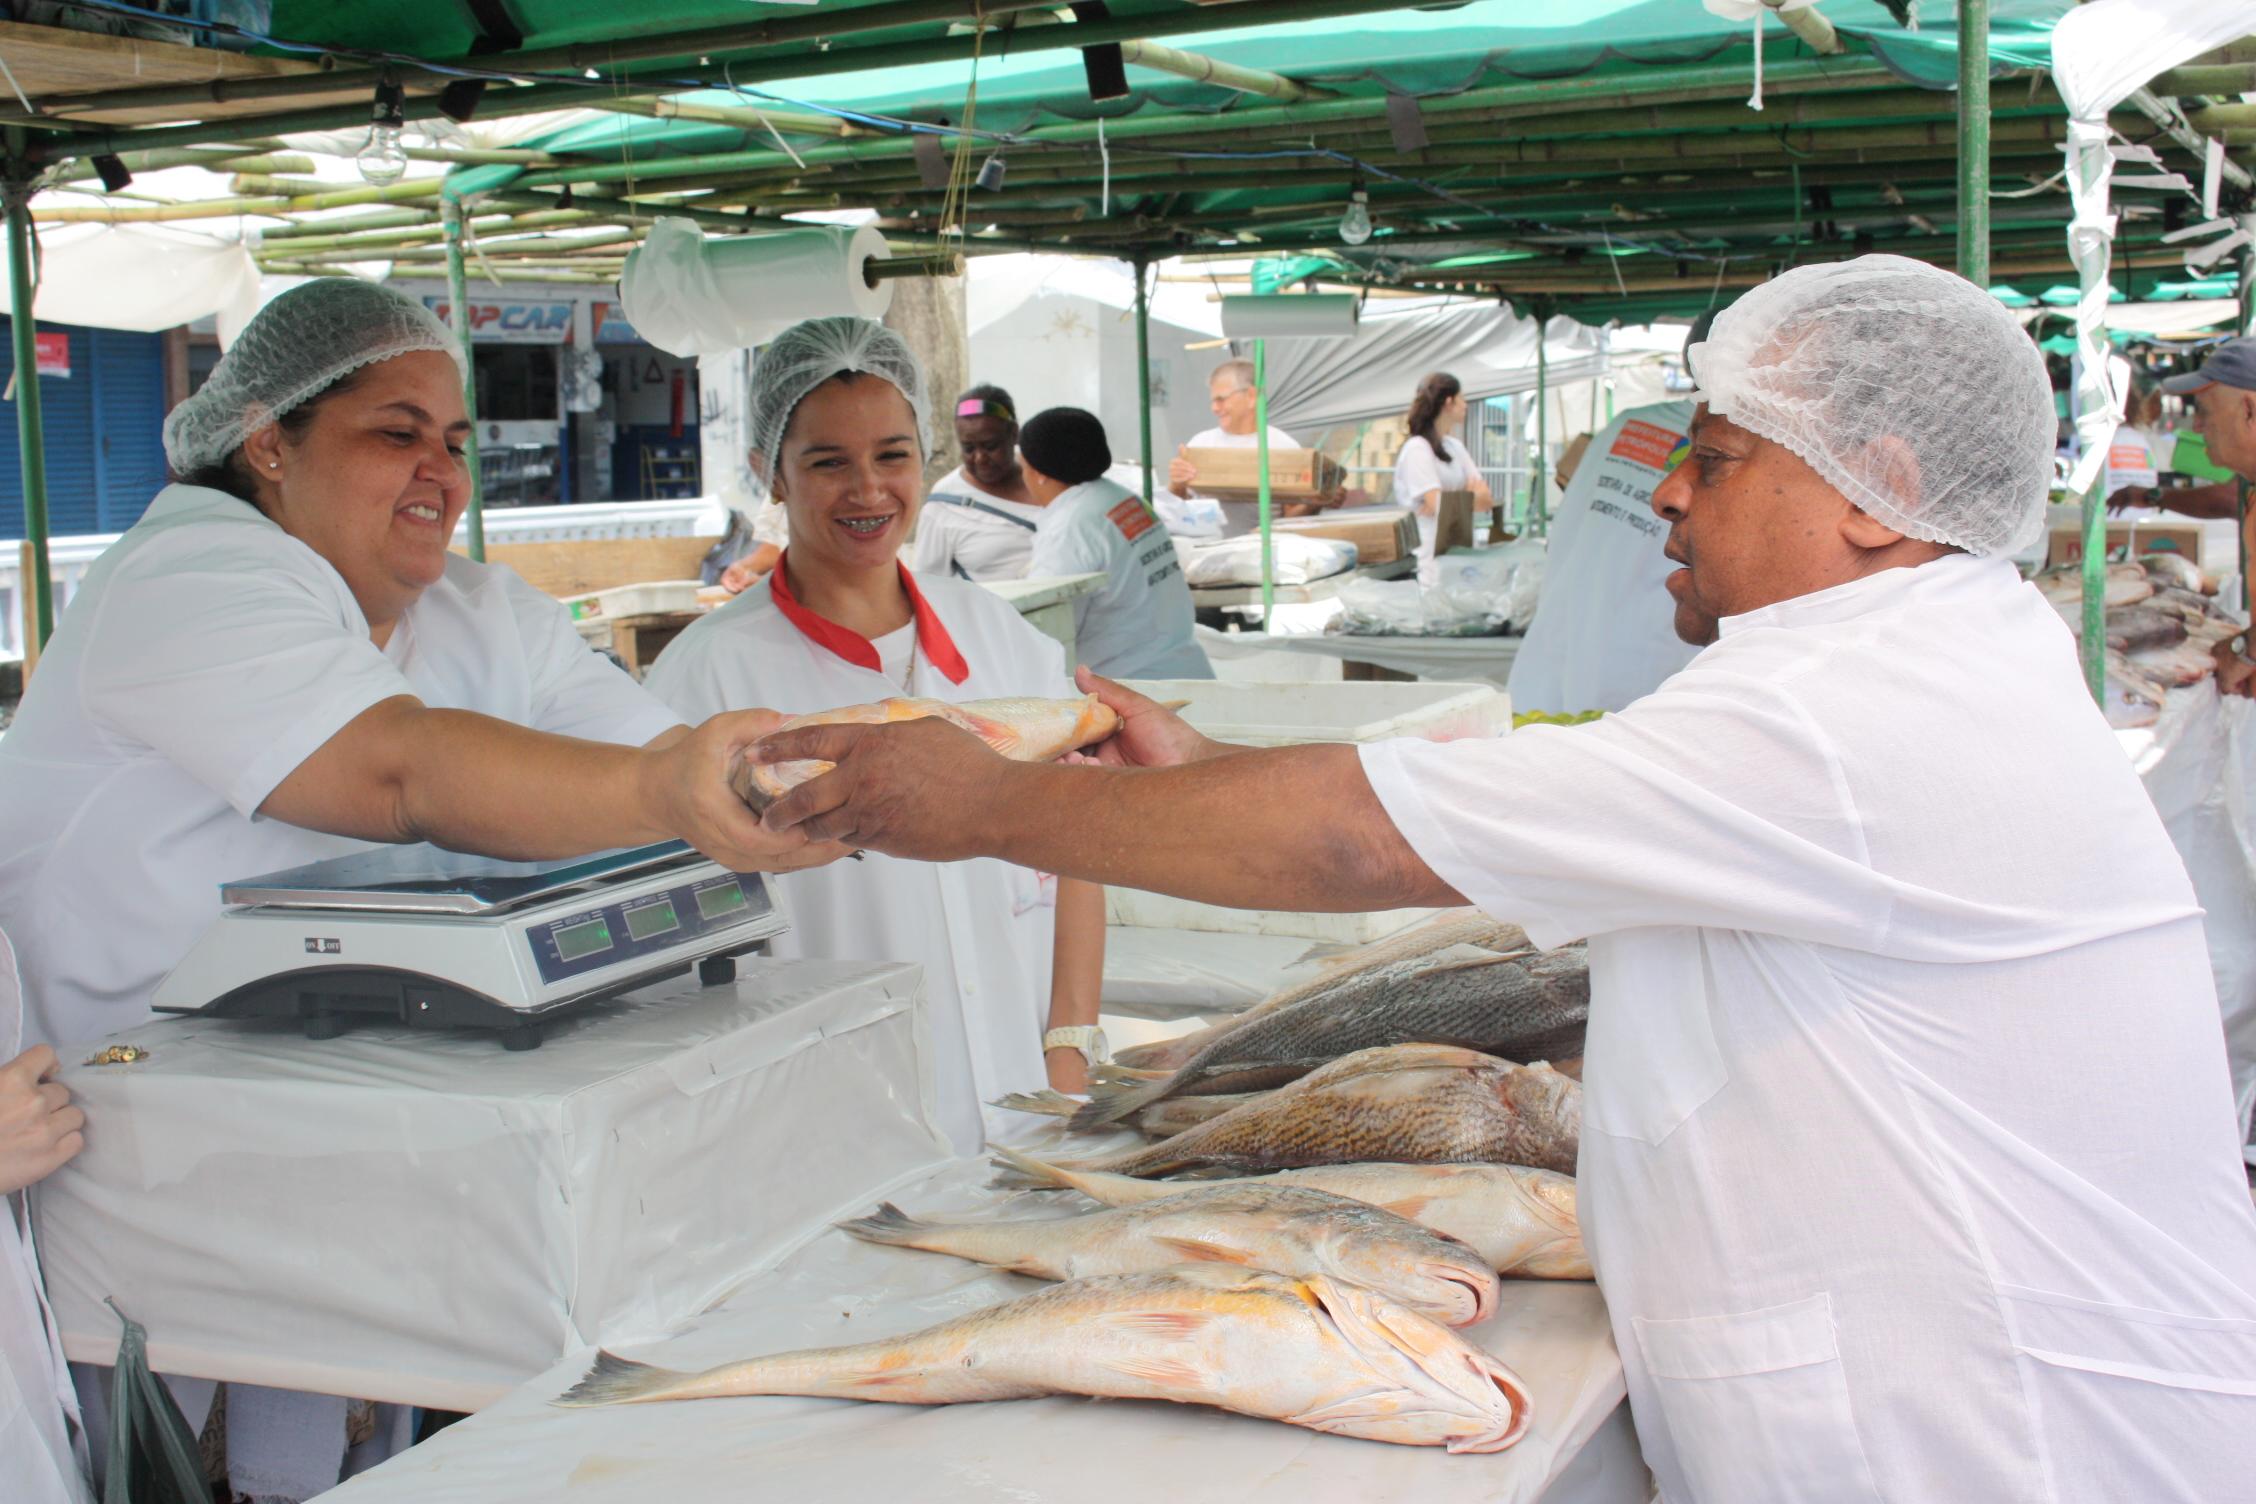 Feira do Pescado: 25 toneladas de peixes à venda na Semana Santa